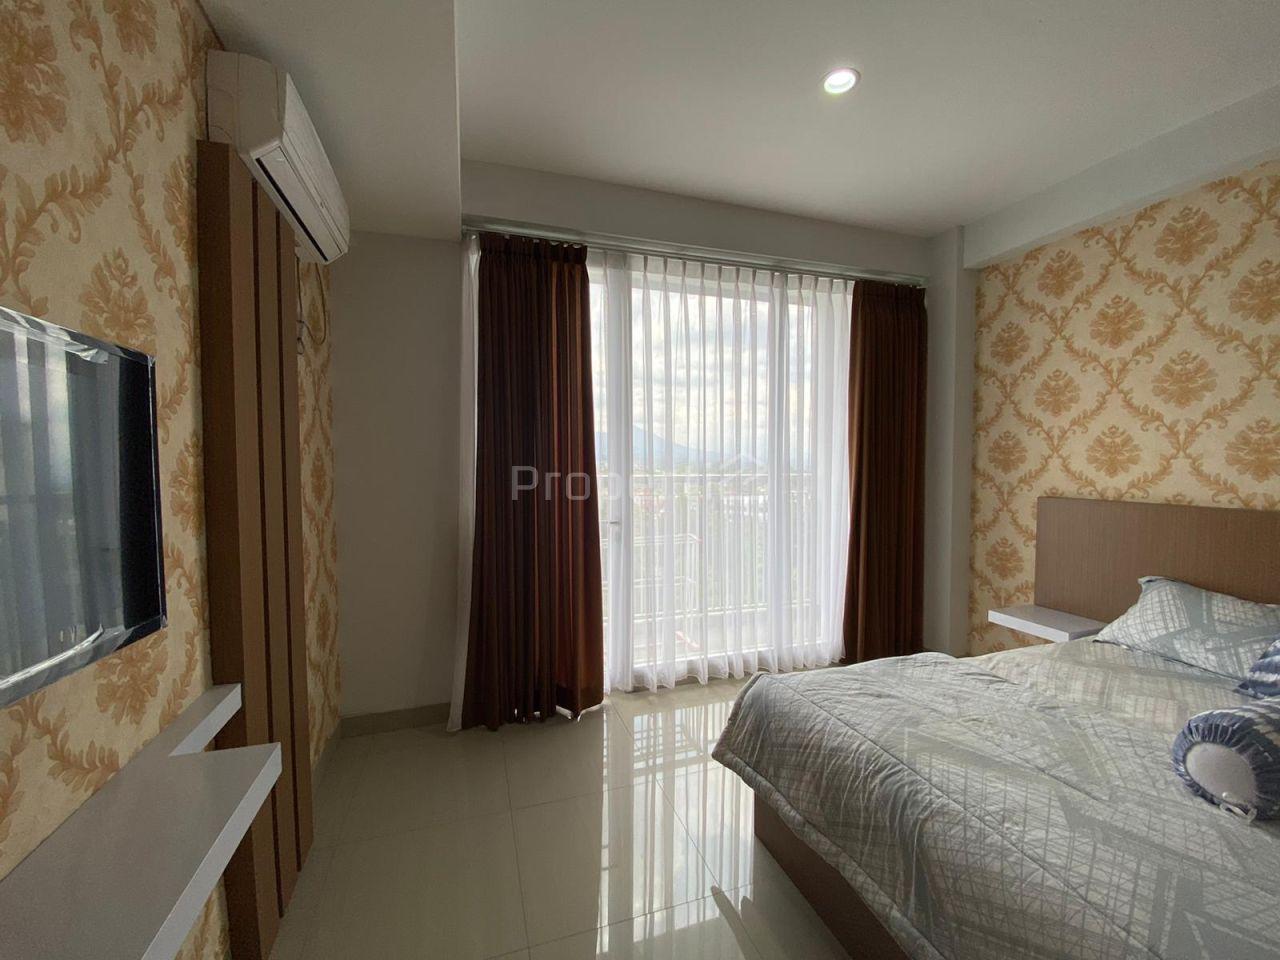 2 Unit Apartemen Studio di Apartemen Dago Suites, Lantai 9, Jawa Barat